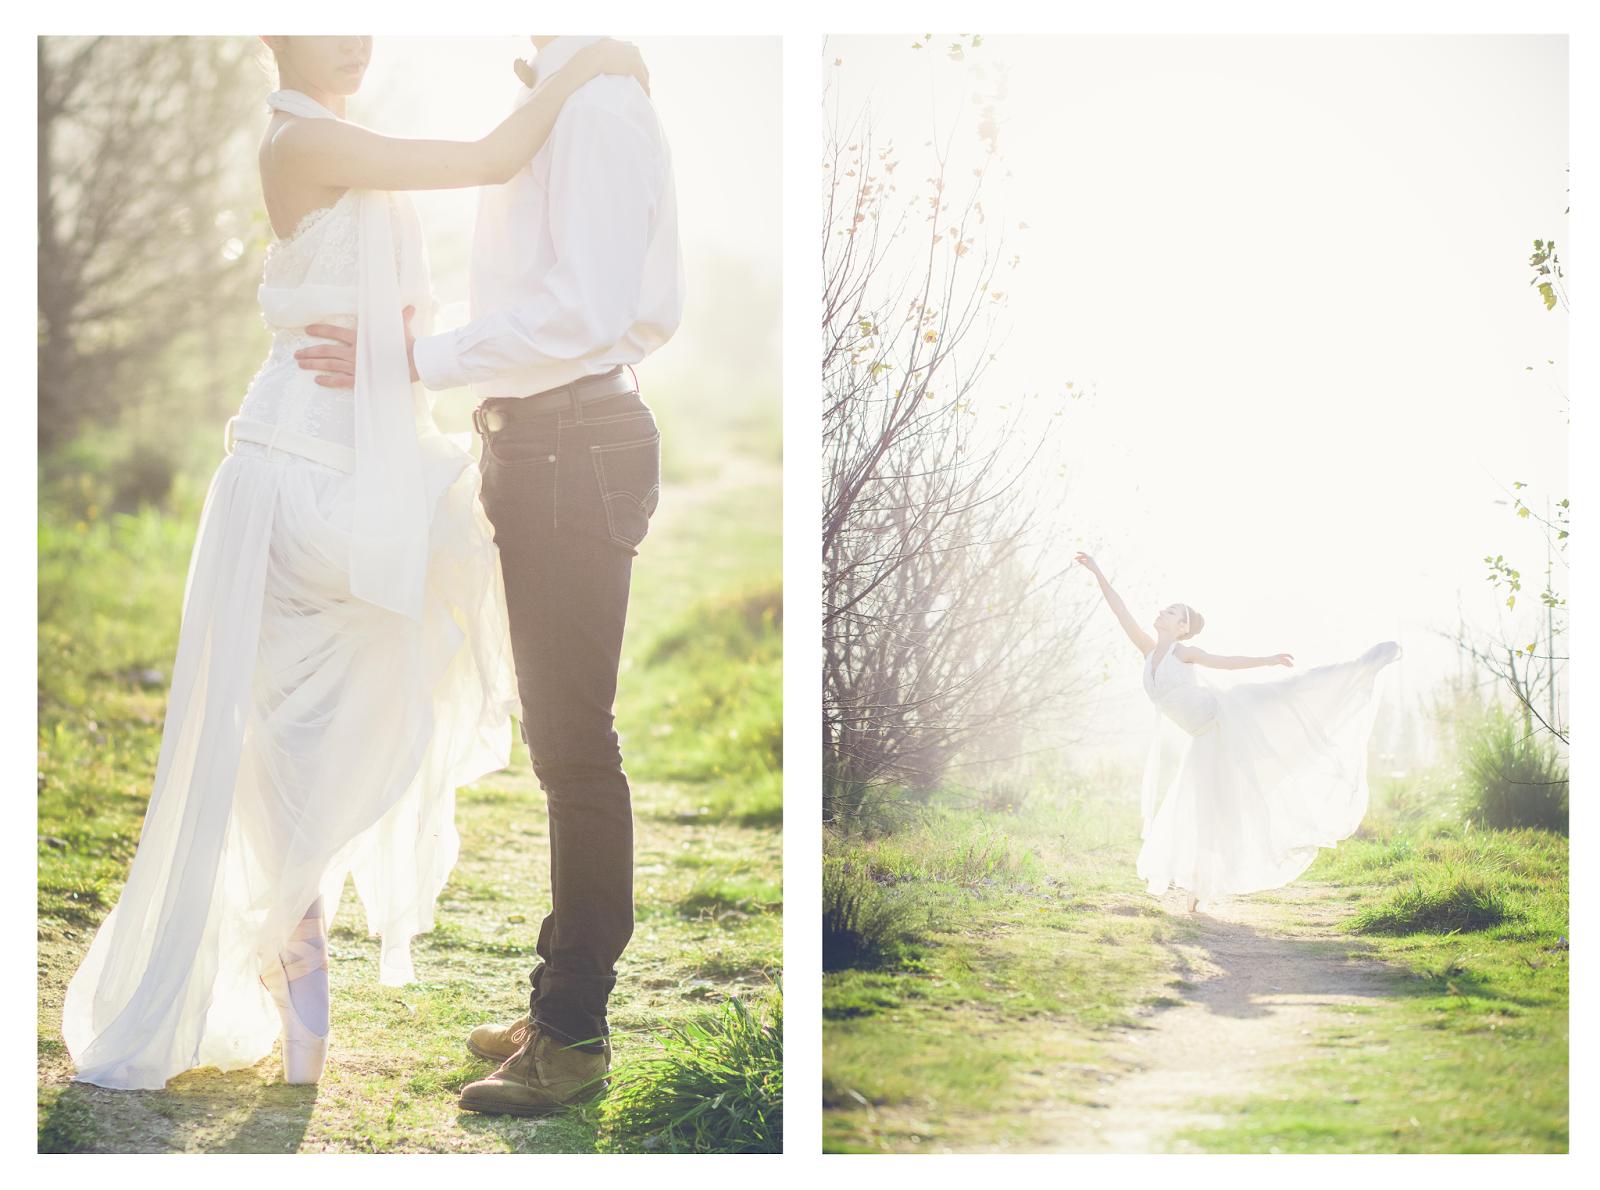 135milimetros, Casamento, editorial, fotografocasamento, love, momento click, photography, sessão de namoro, wedding, um dia a 135milímetros, weddingphotography,